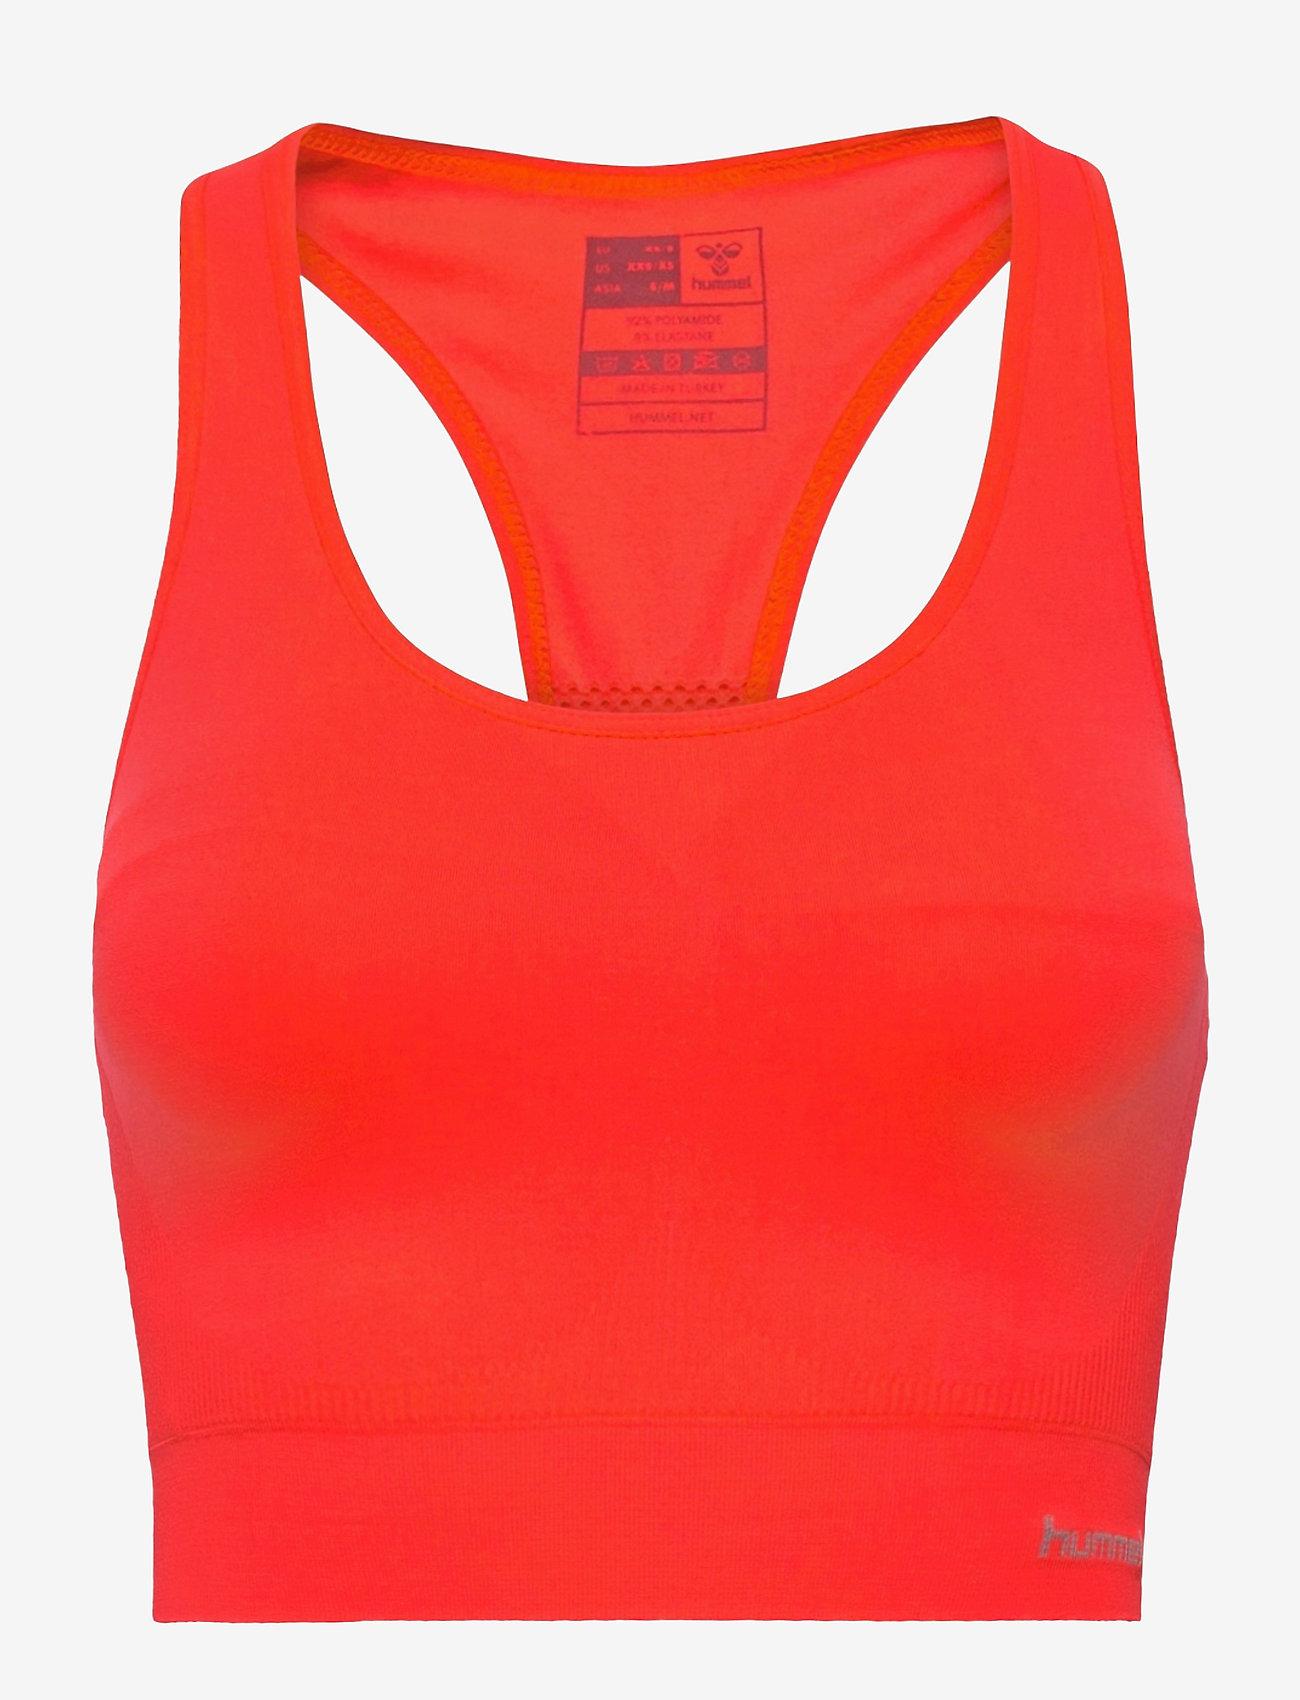 Hummel - SUE SEAMLESS SPORTS TOP - sport bras: low - fiery coral - 0